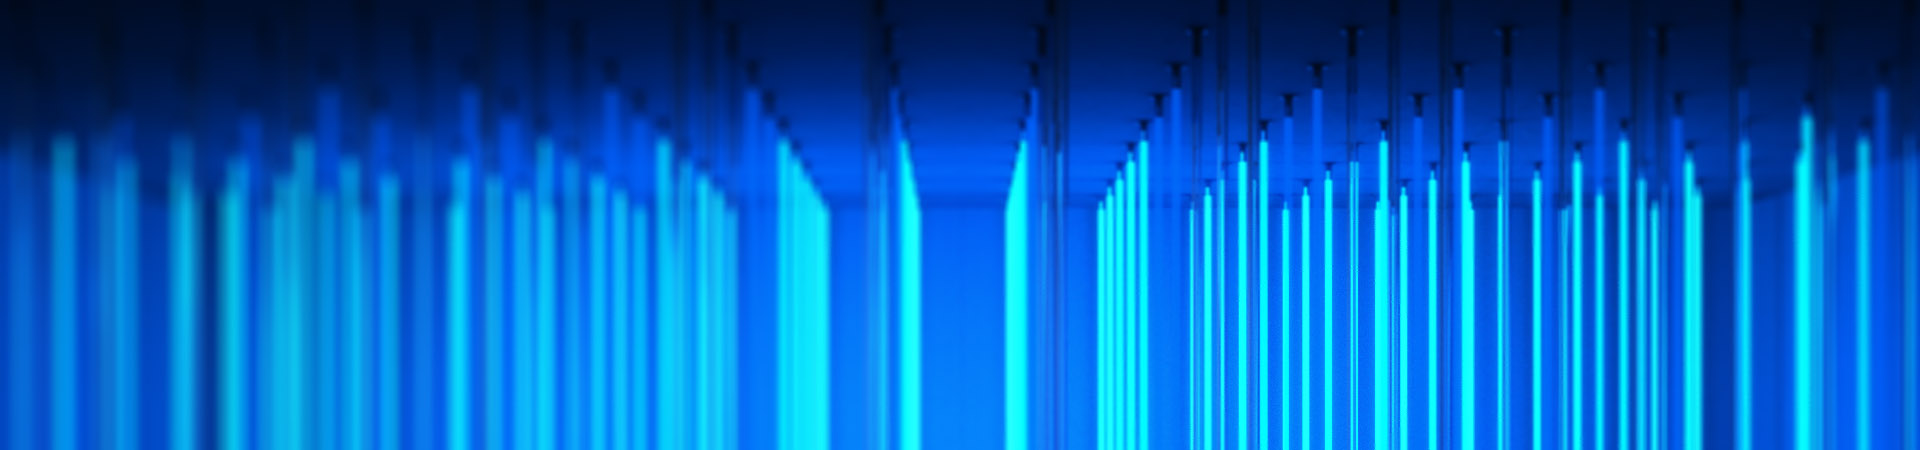 SLIDER-Neon-Room-K-0-00-00-00